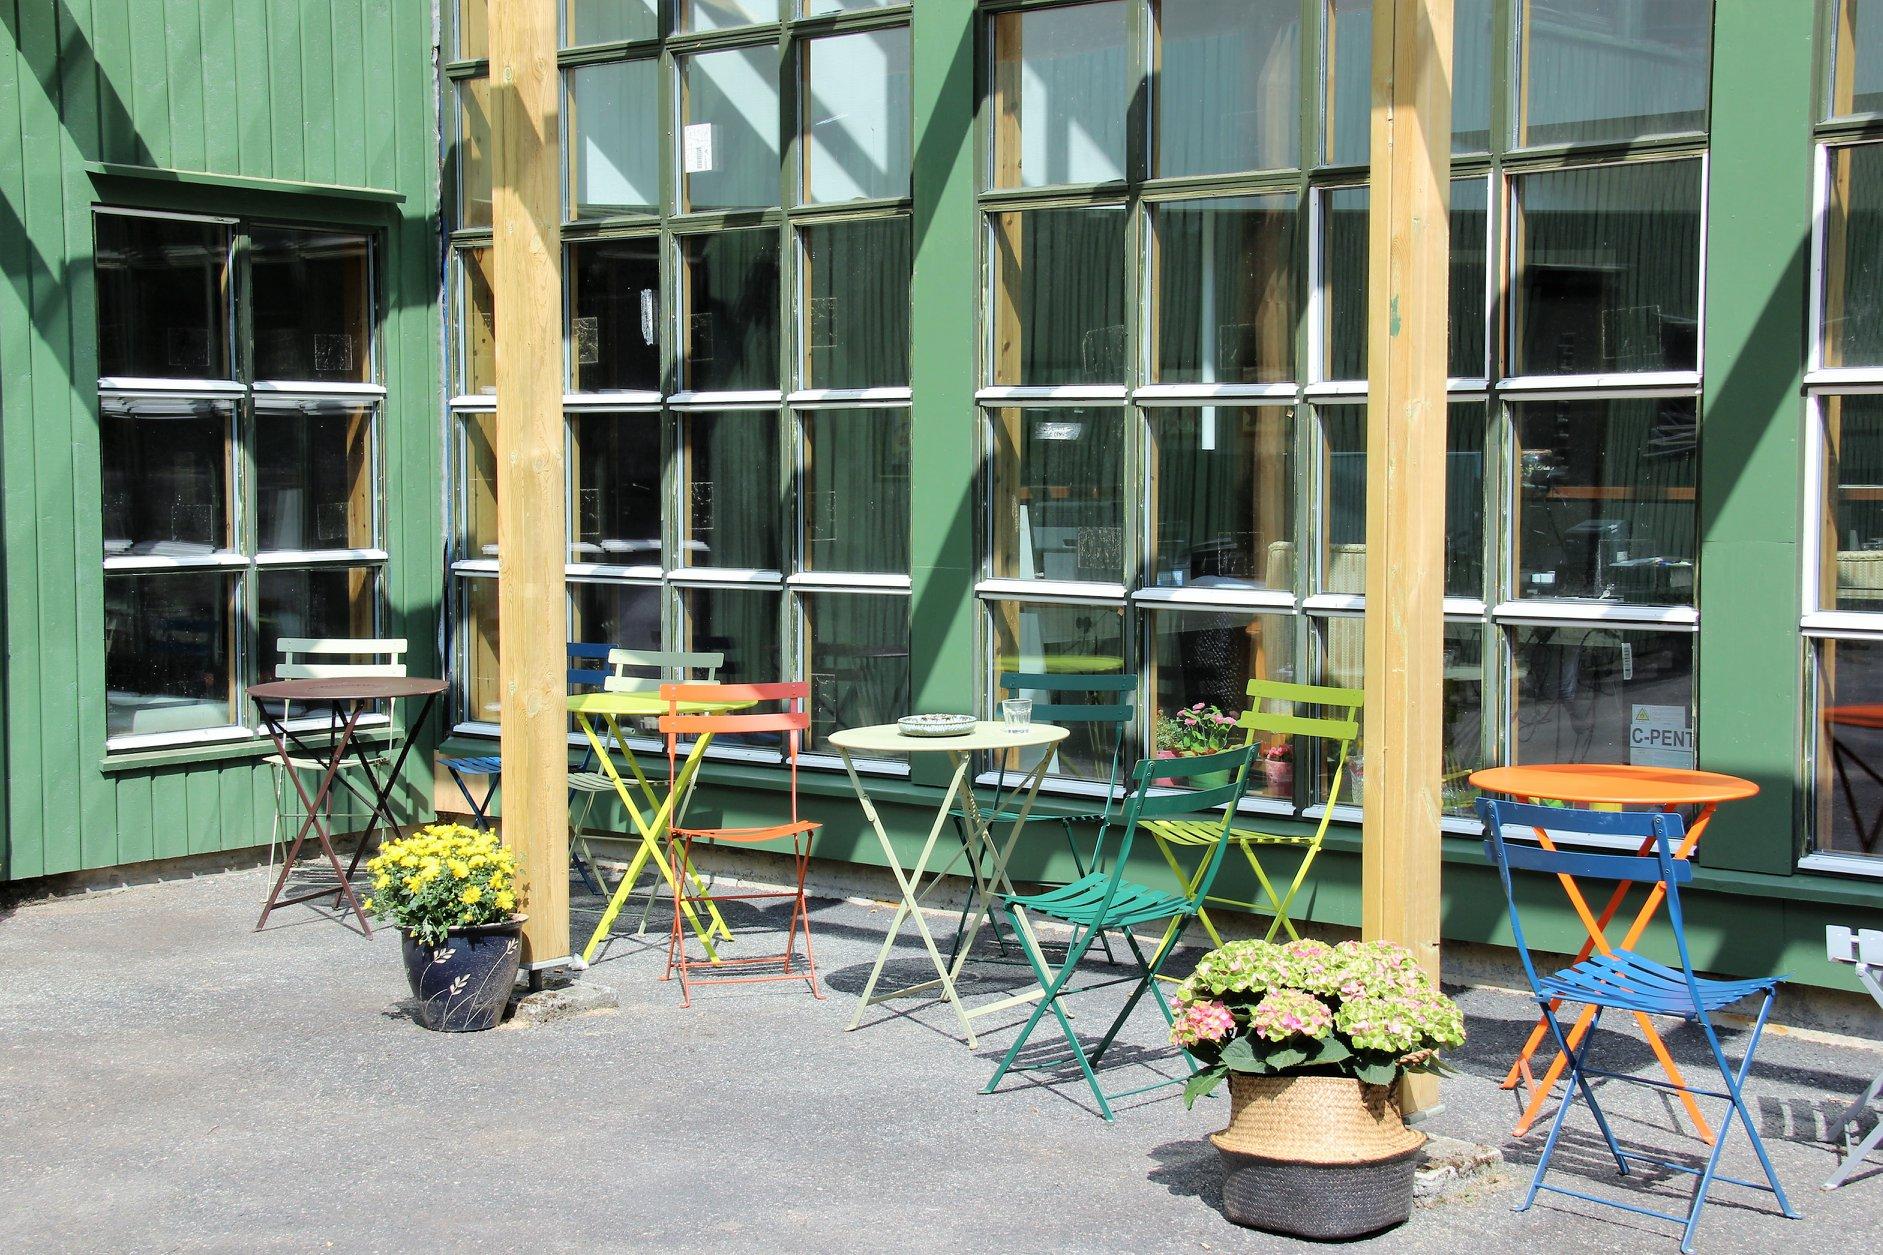 Bilde av bord og stolar utanfor bygget